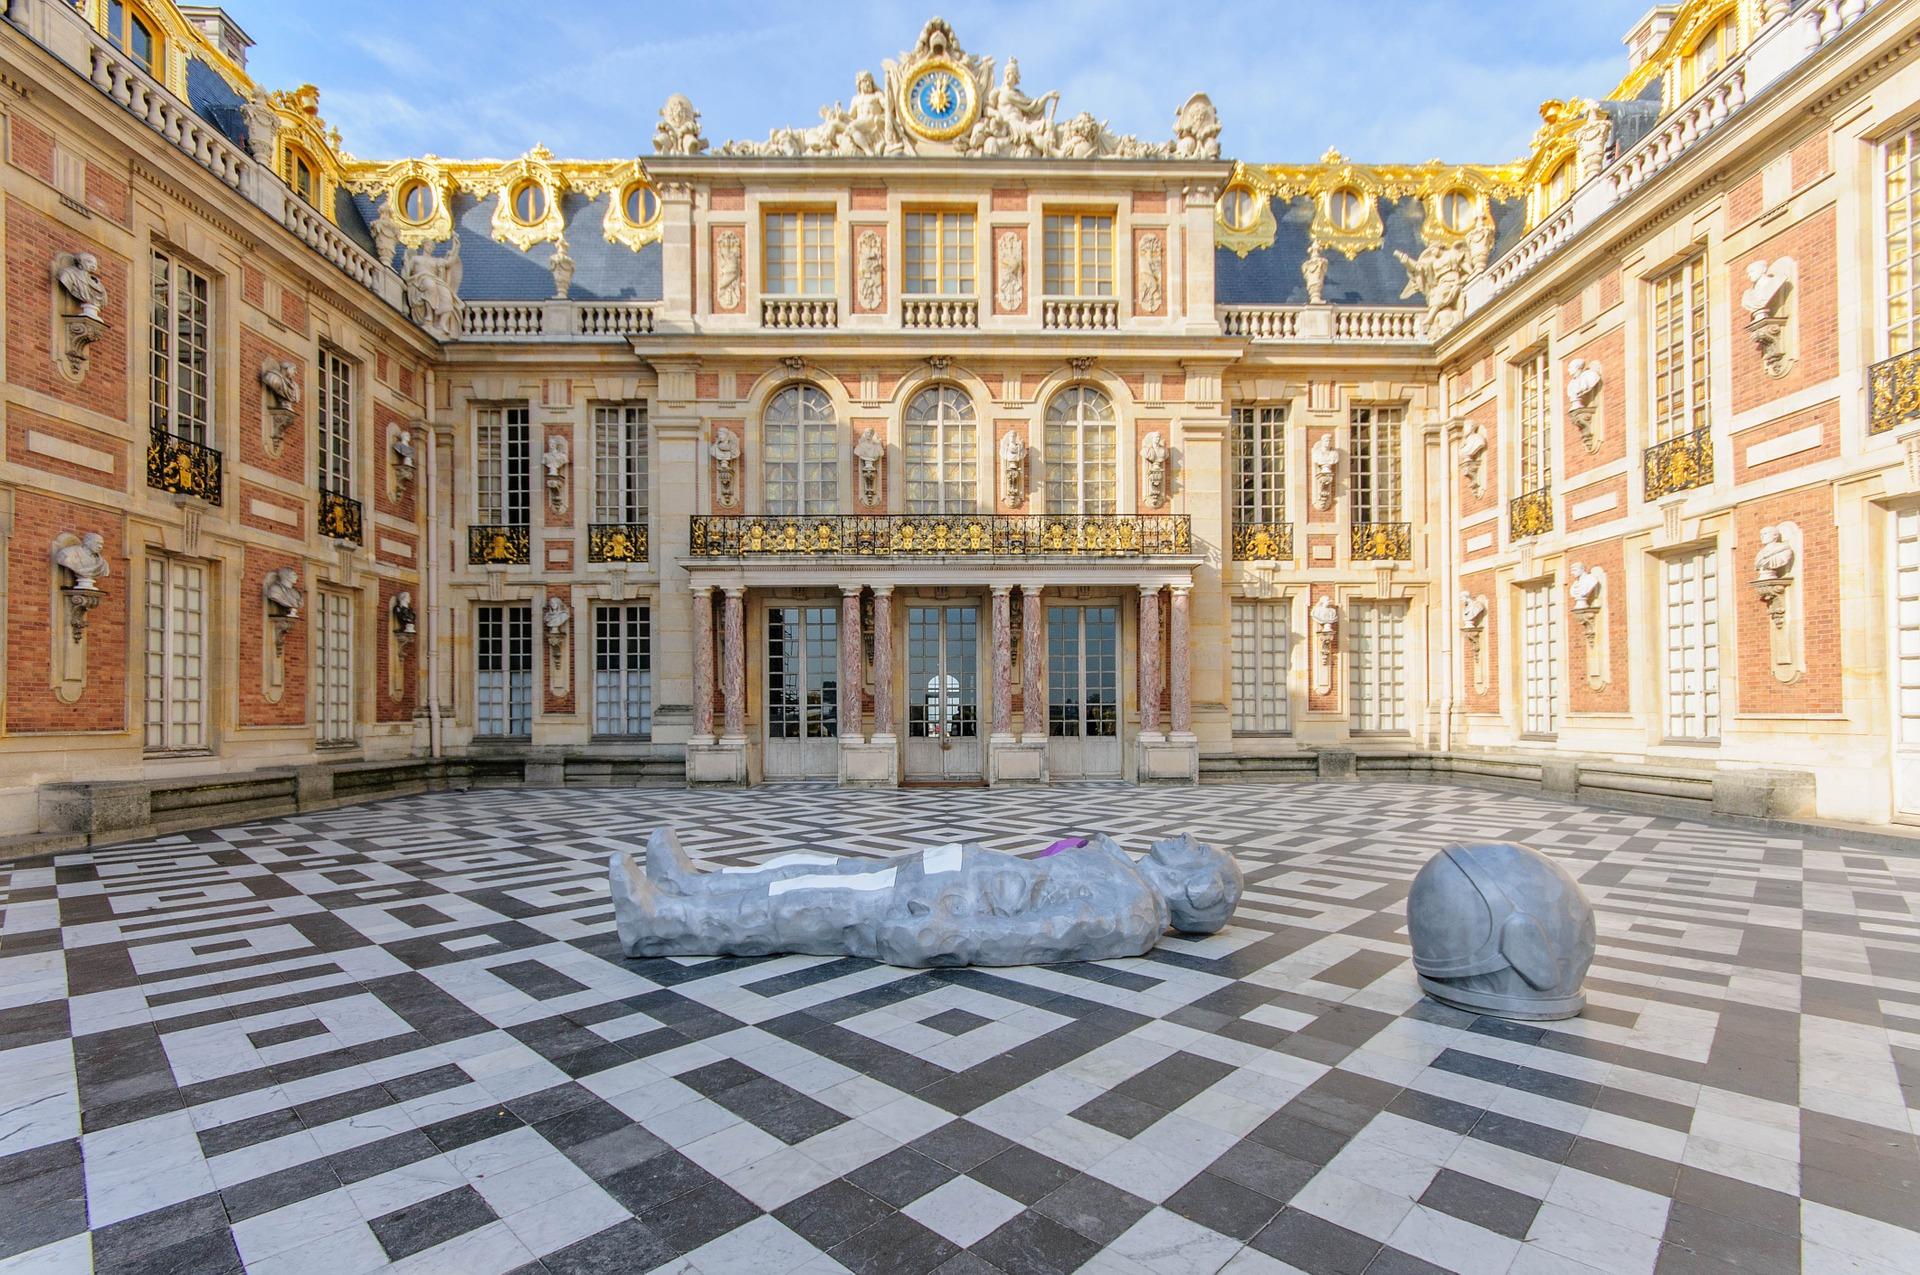 「ヴェルサイユの宮殿と庭園」 ブルボン王朝の優雅な宮廷生活を今に伝えるヴェルサイユ宮殿